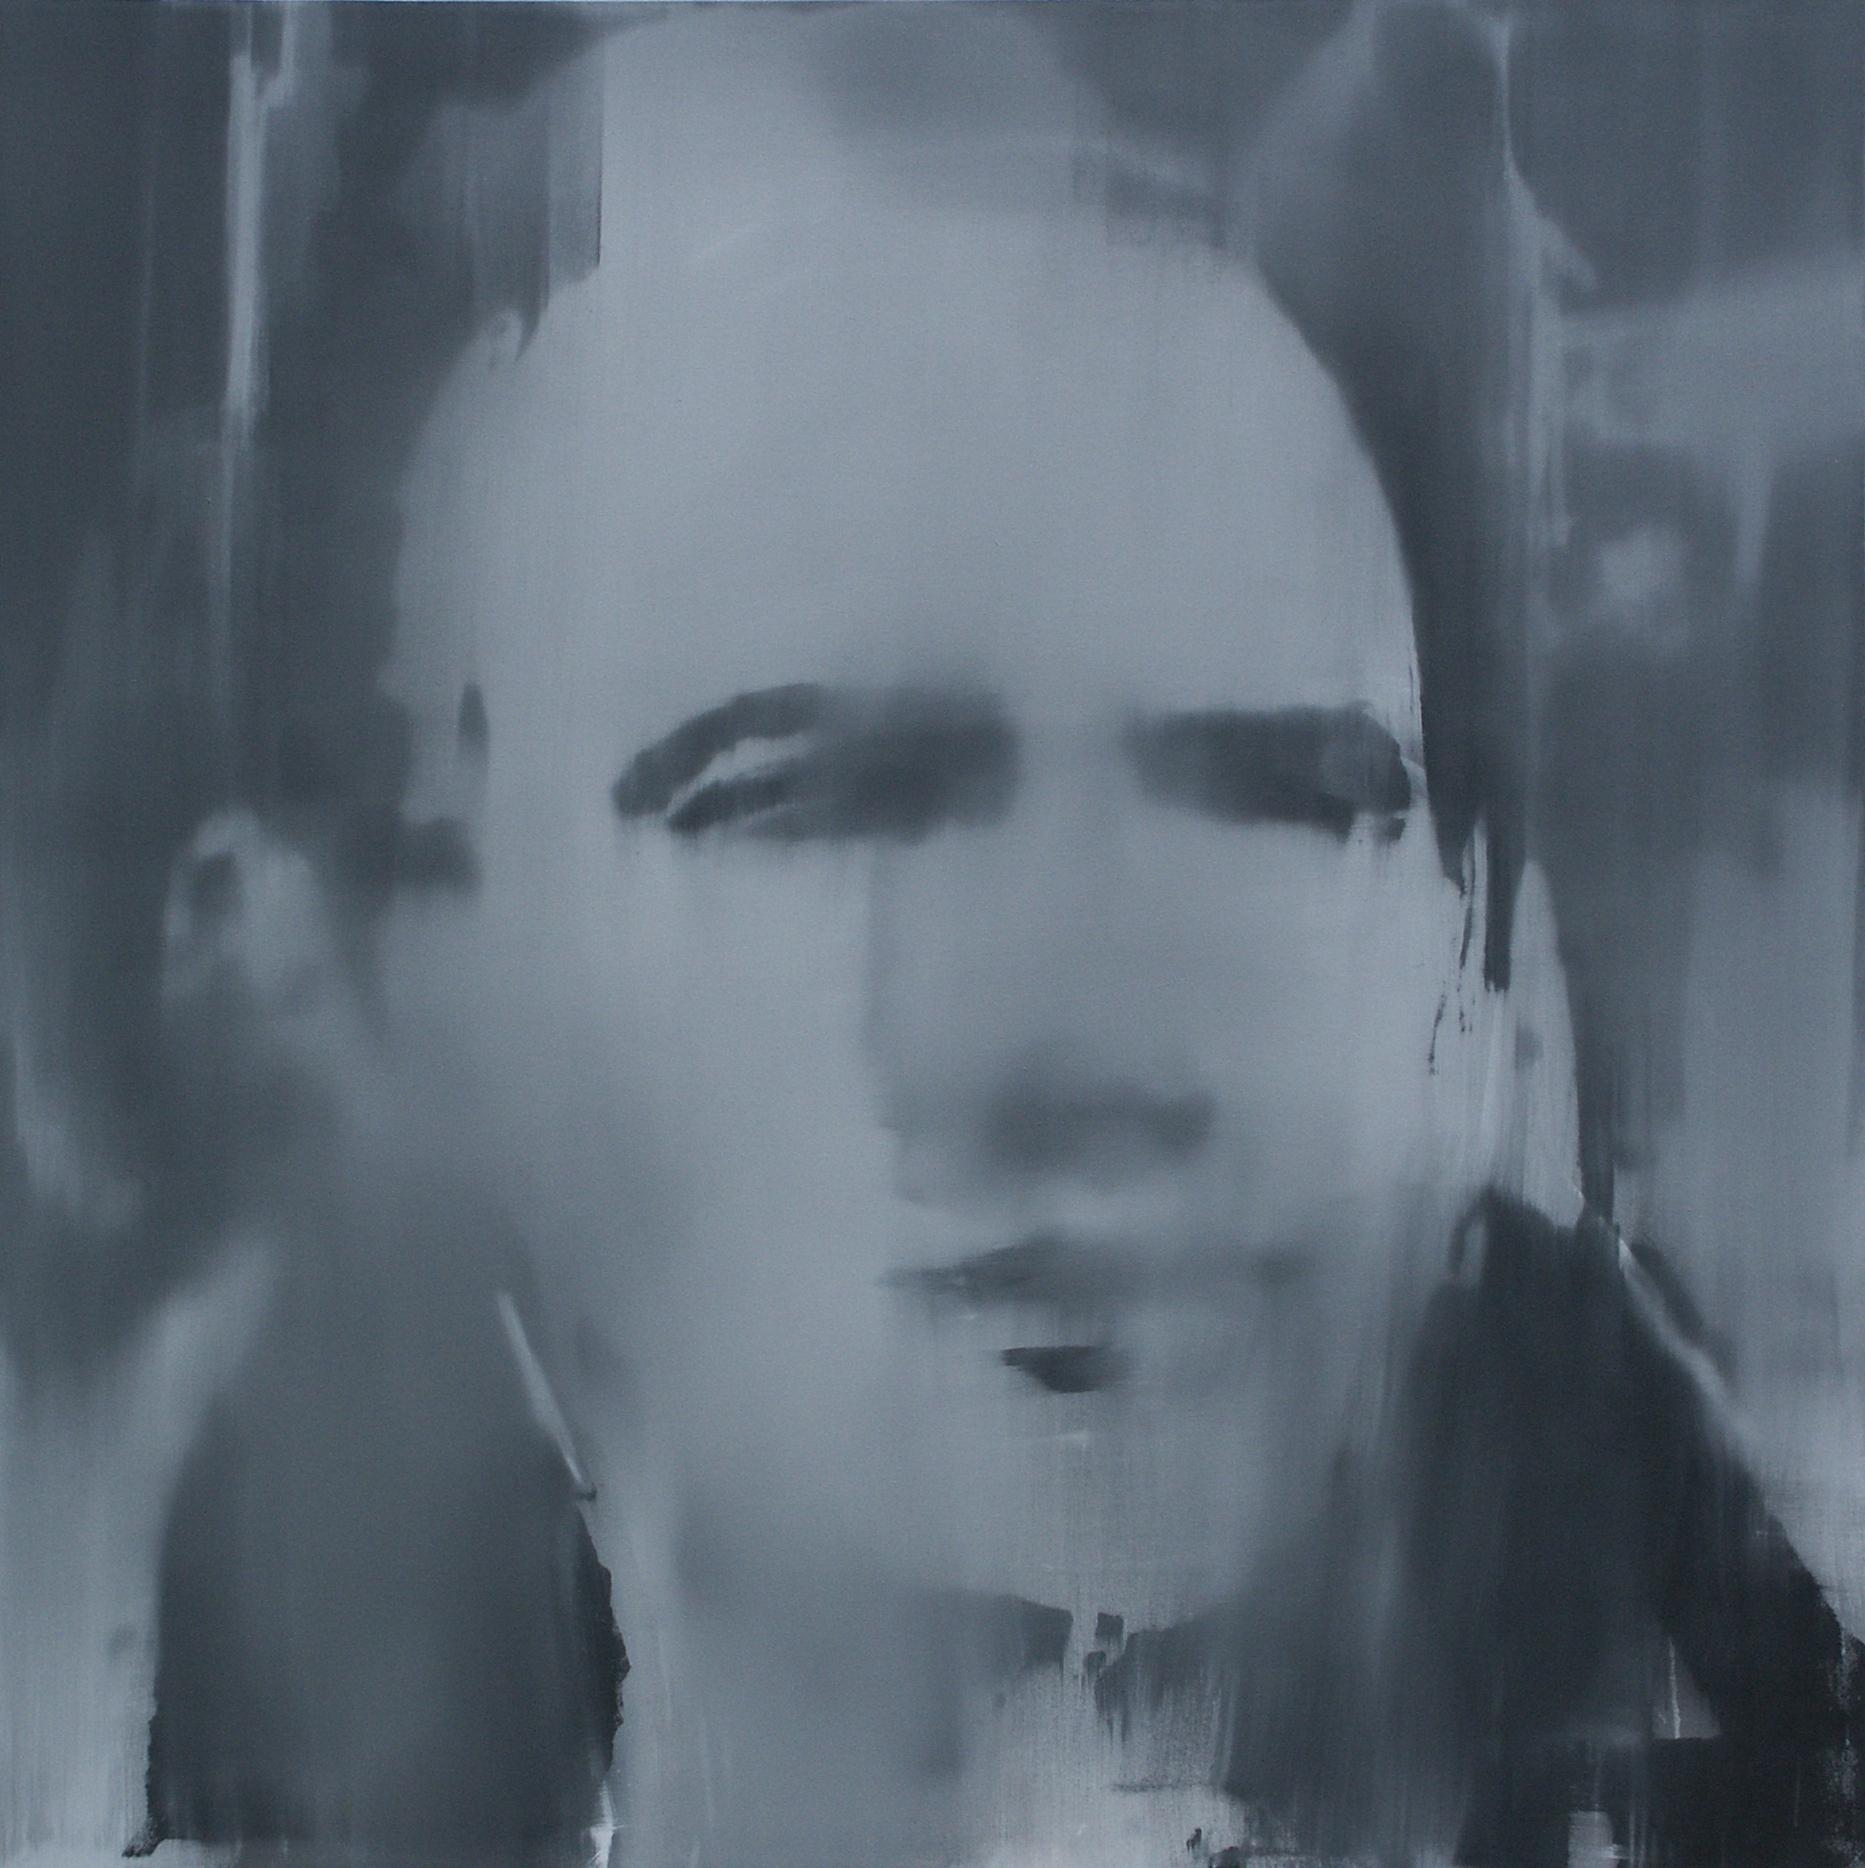 Kopie von 0815001 2008 Öl-Leinwand 150 x 150 cm